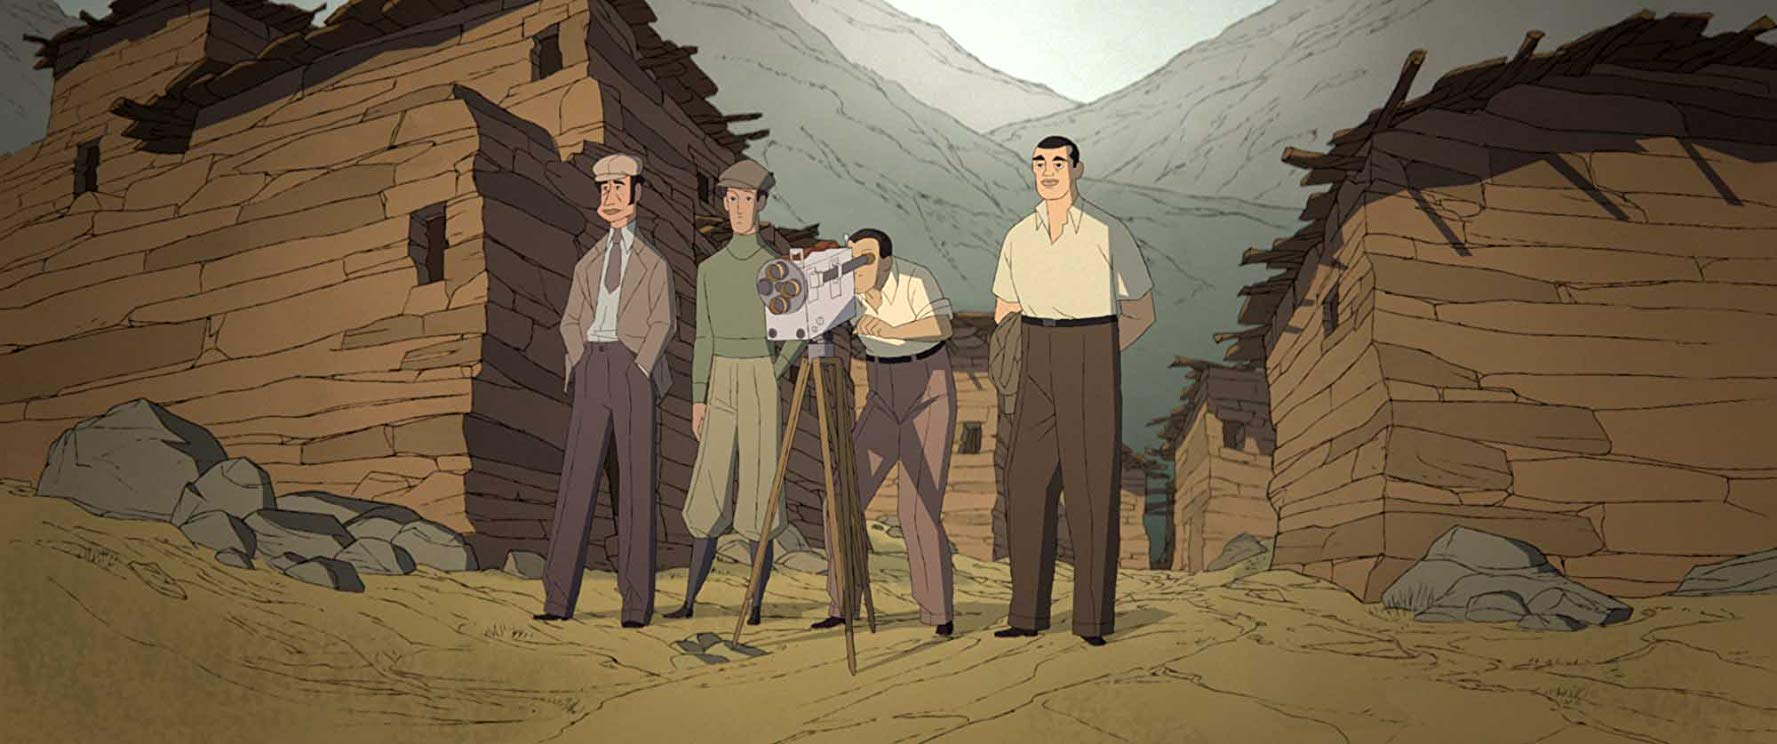 """Stranger than fiction – recenzja filmu """"Buñuel w labiryncie żółwi"""" – Etiuda & Anima"""